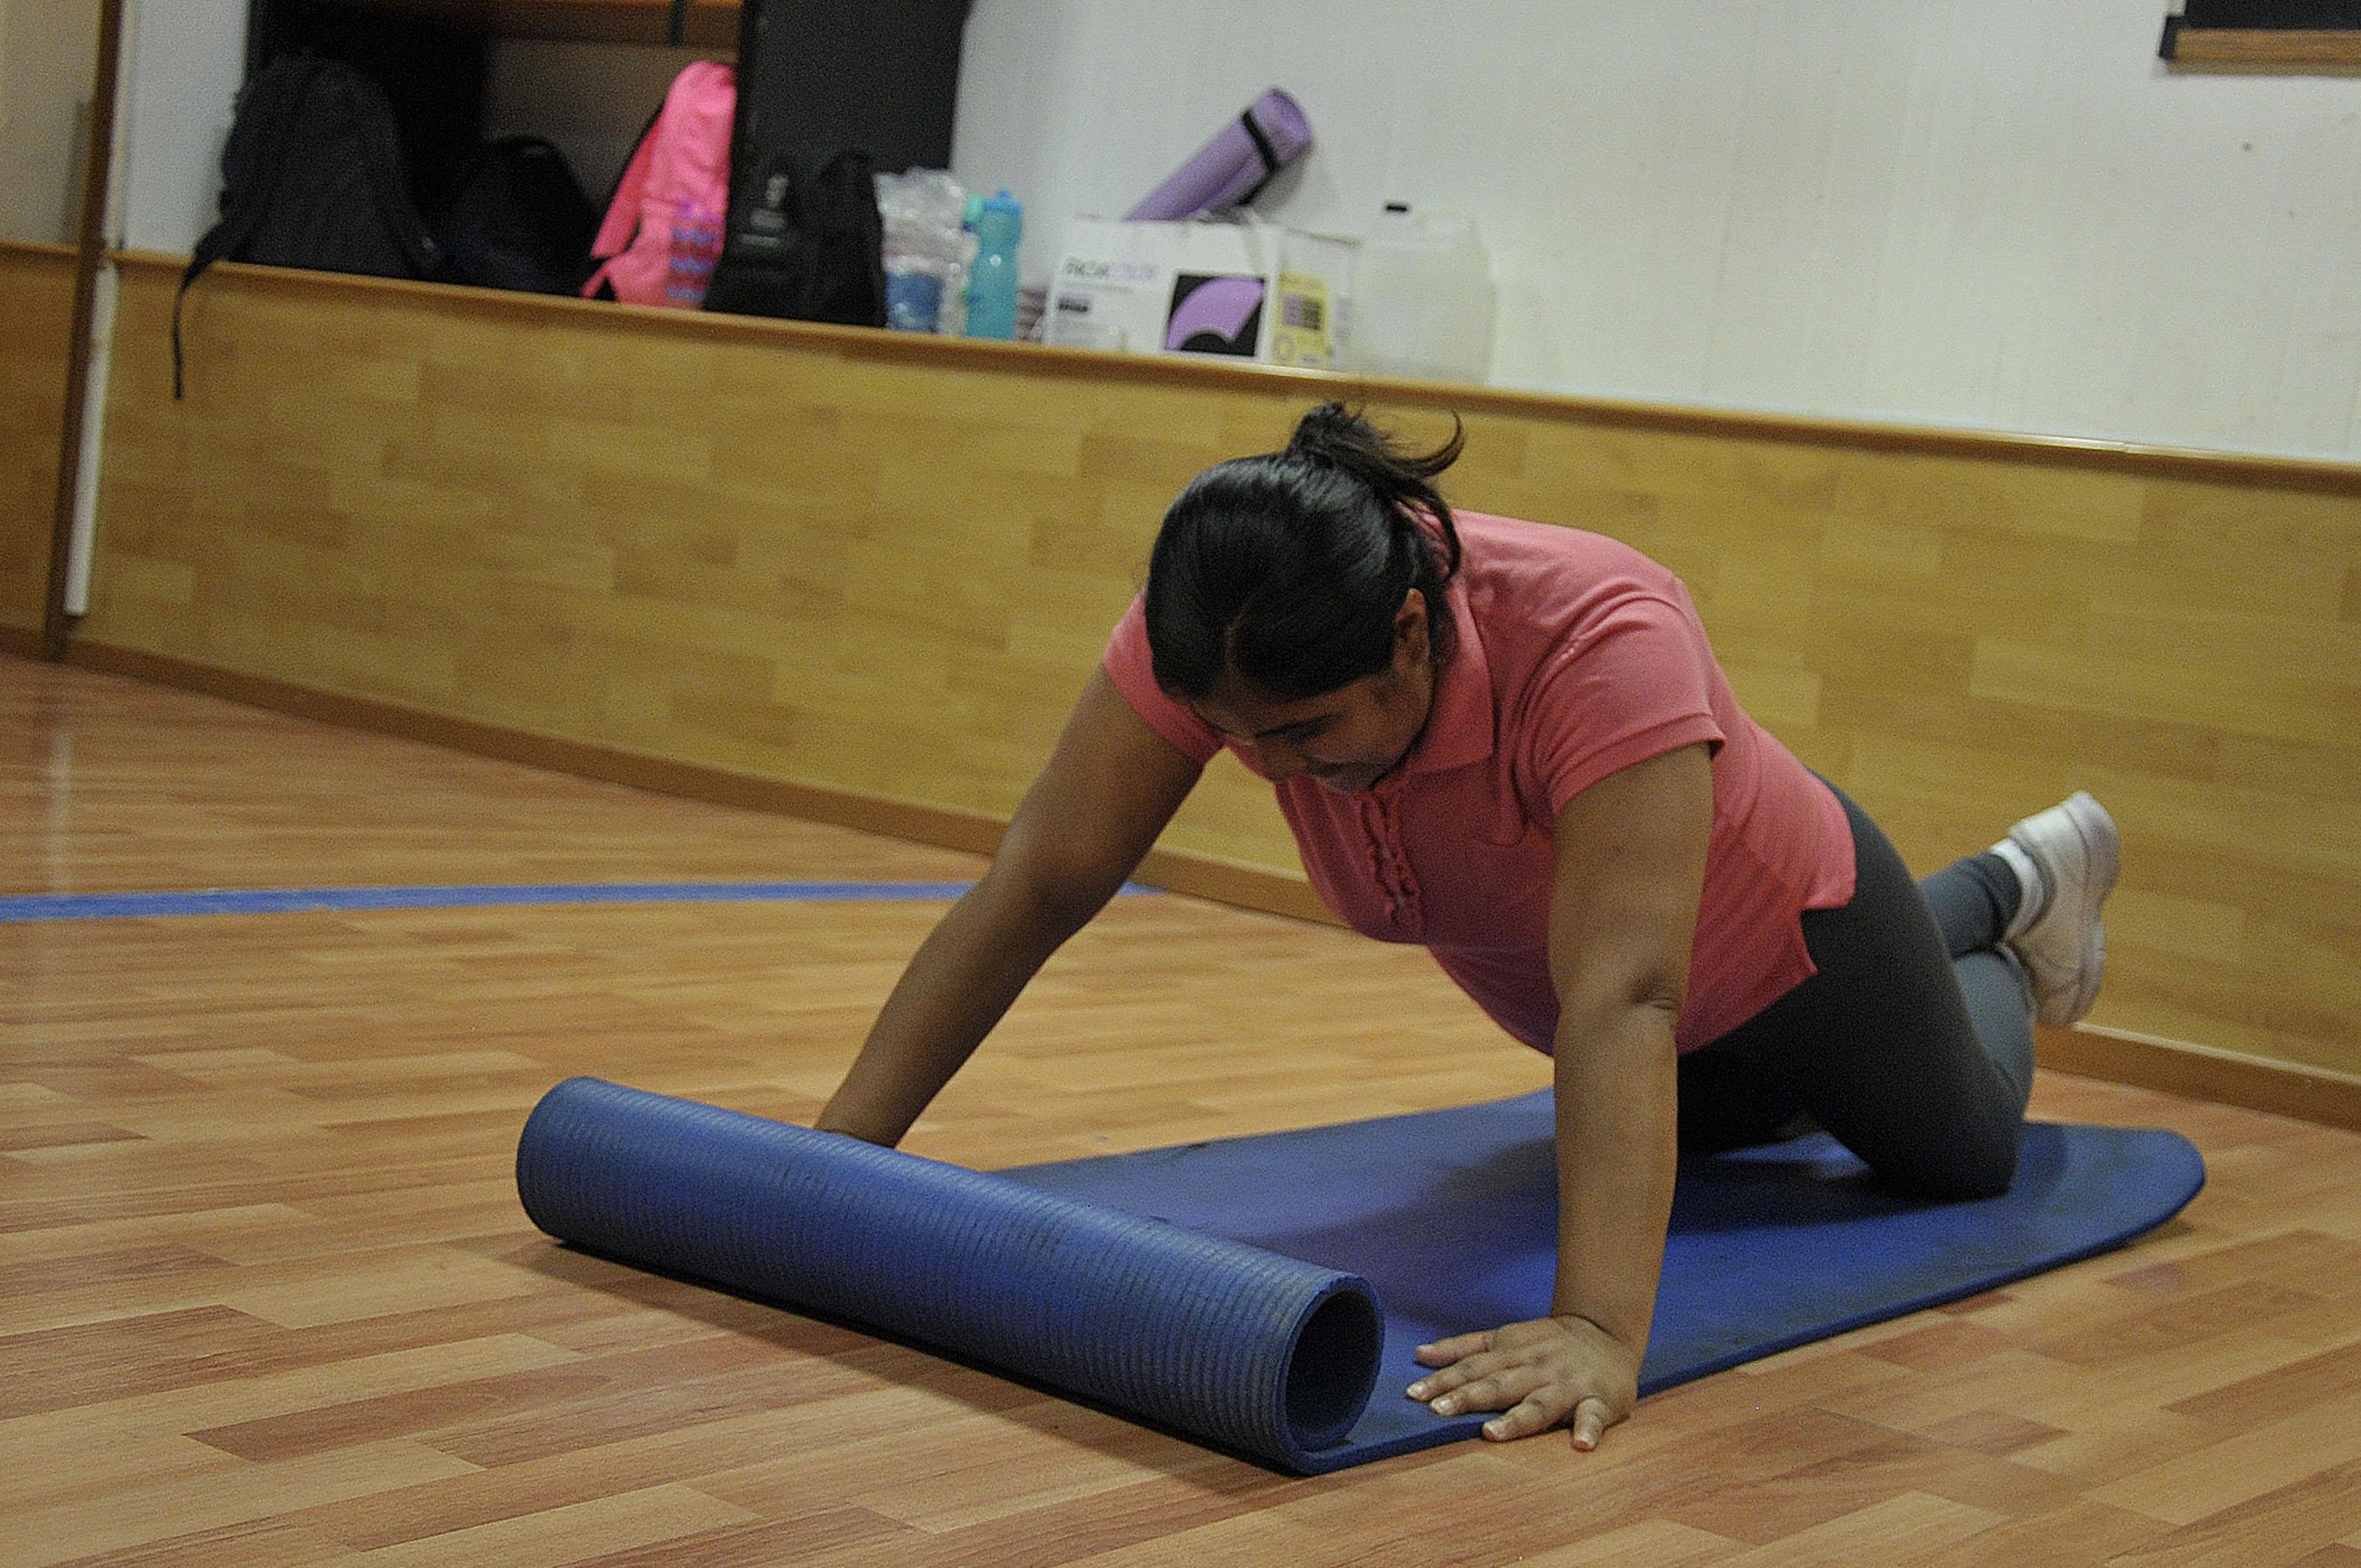 El Día Mundial de la Actividad Física, que se conmemora cada 6 de abril.